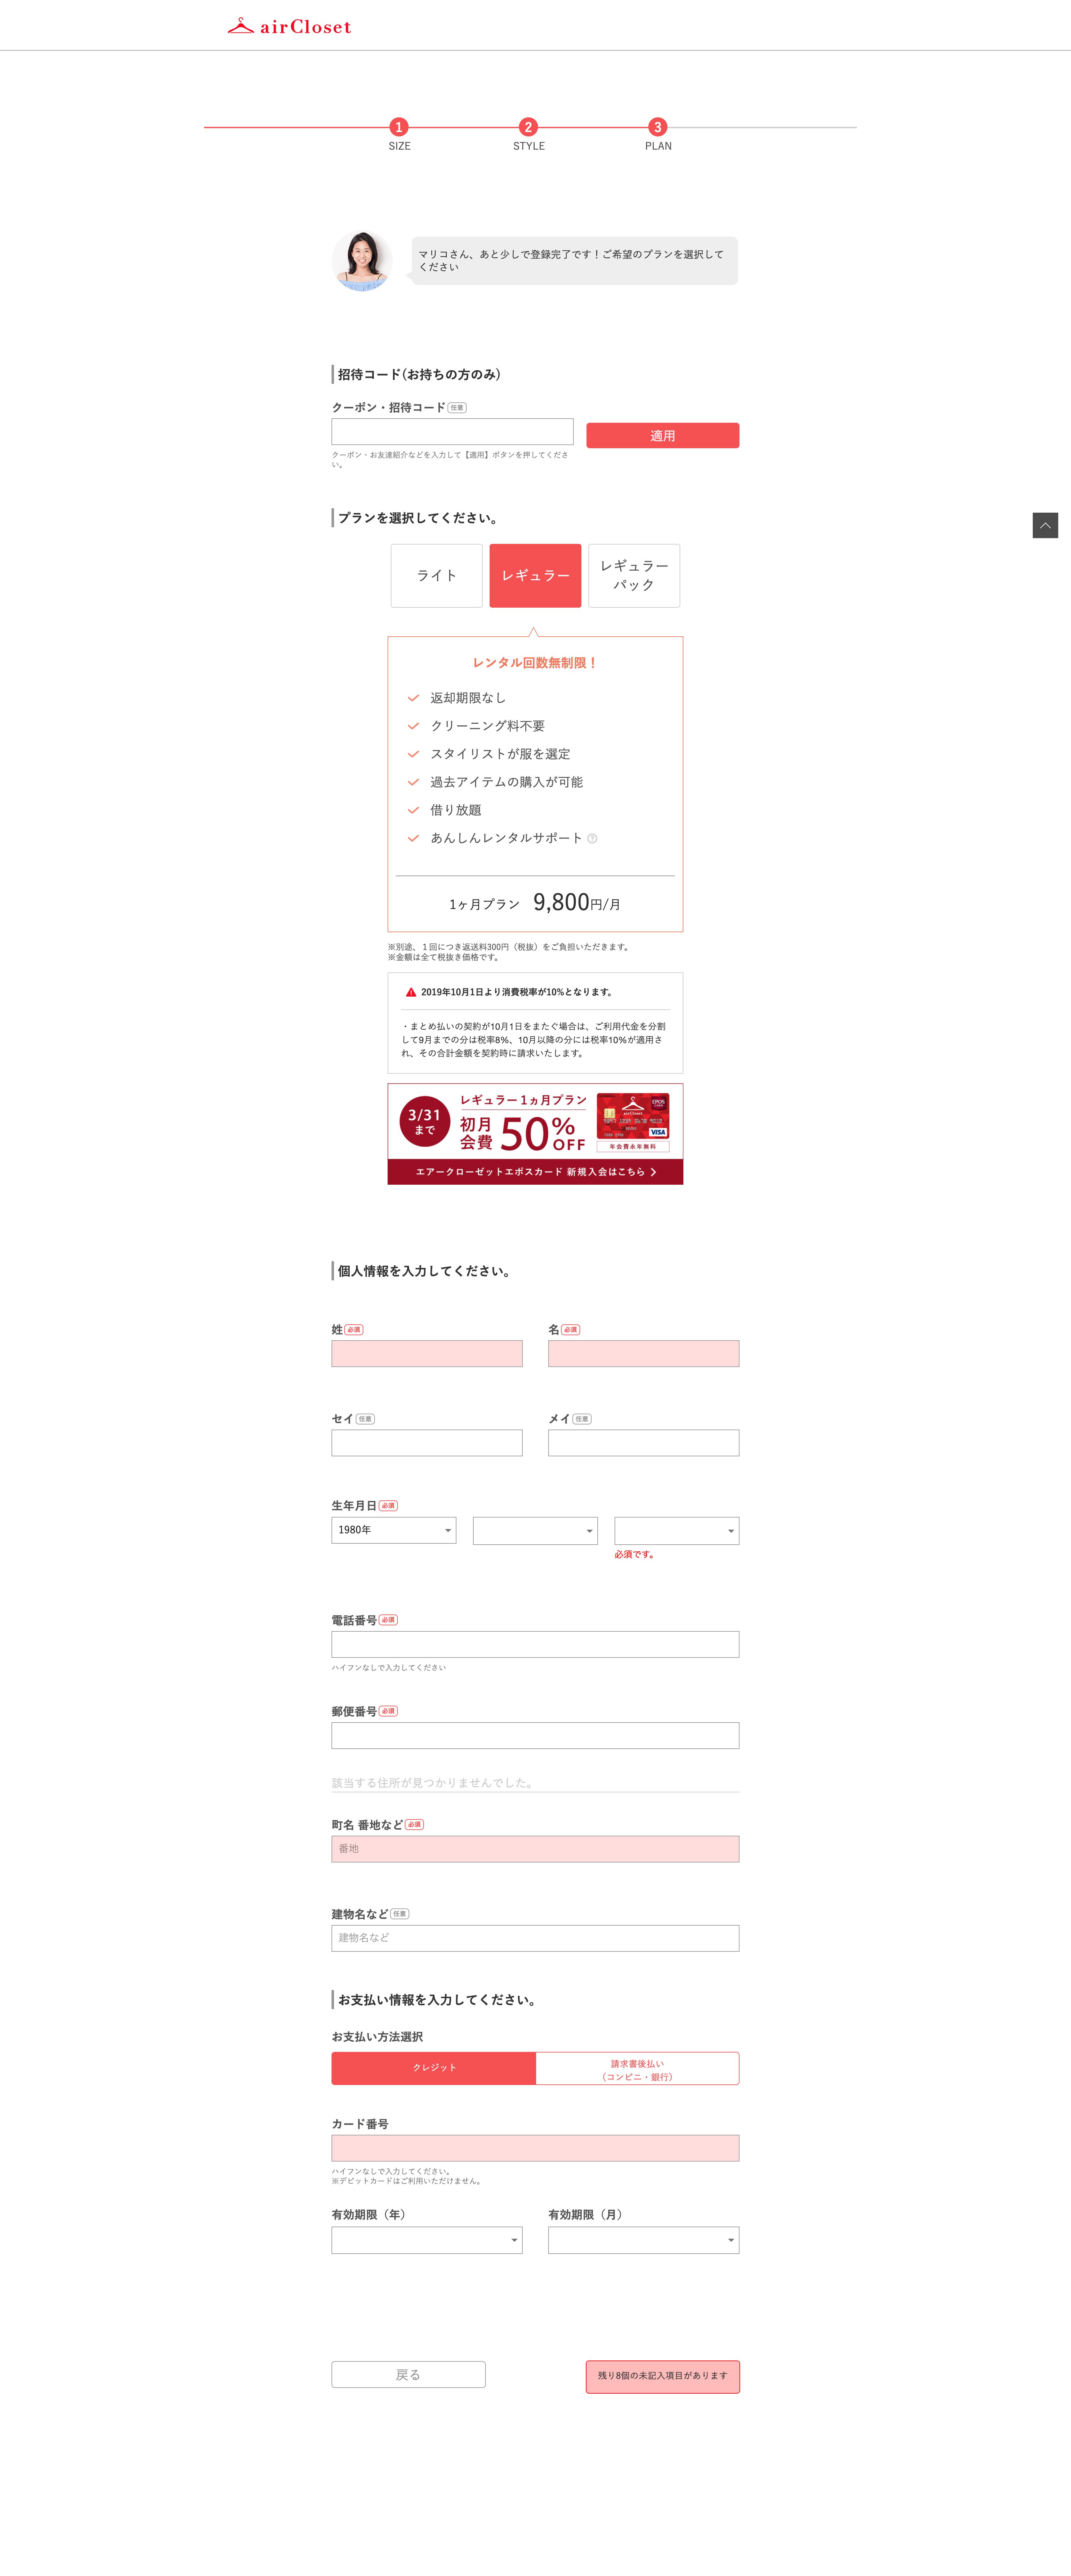 エアークローゼット(airCloset)の月額有料登録・入会に関する参考画像